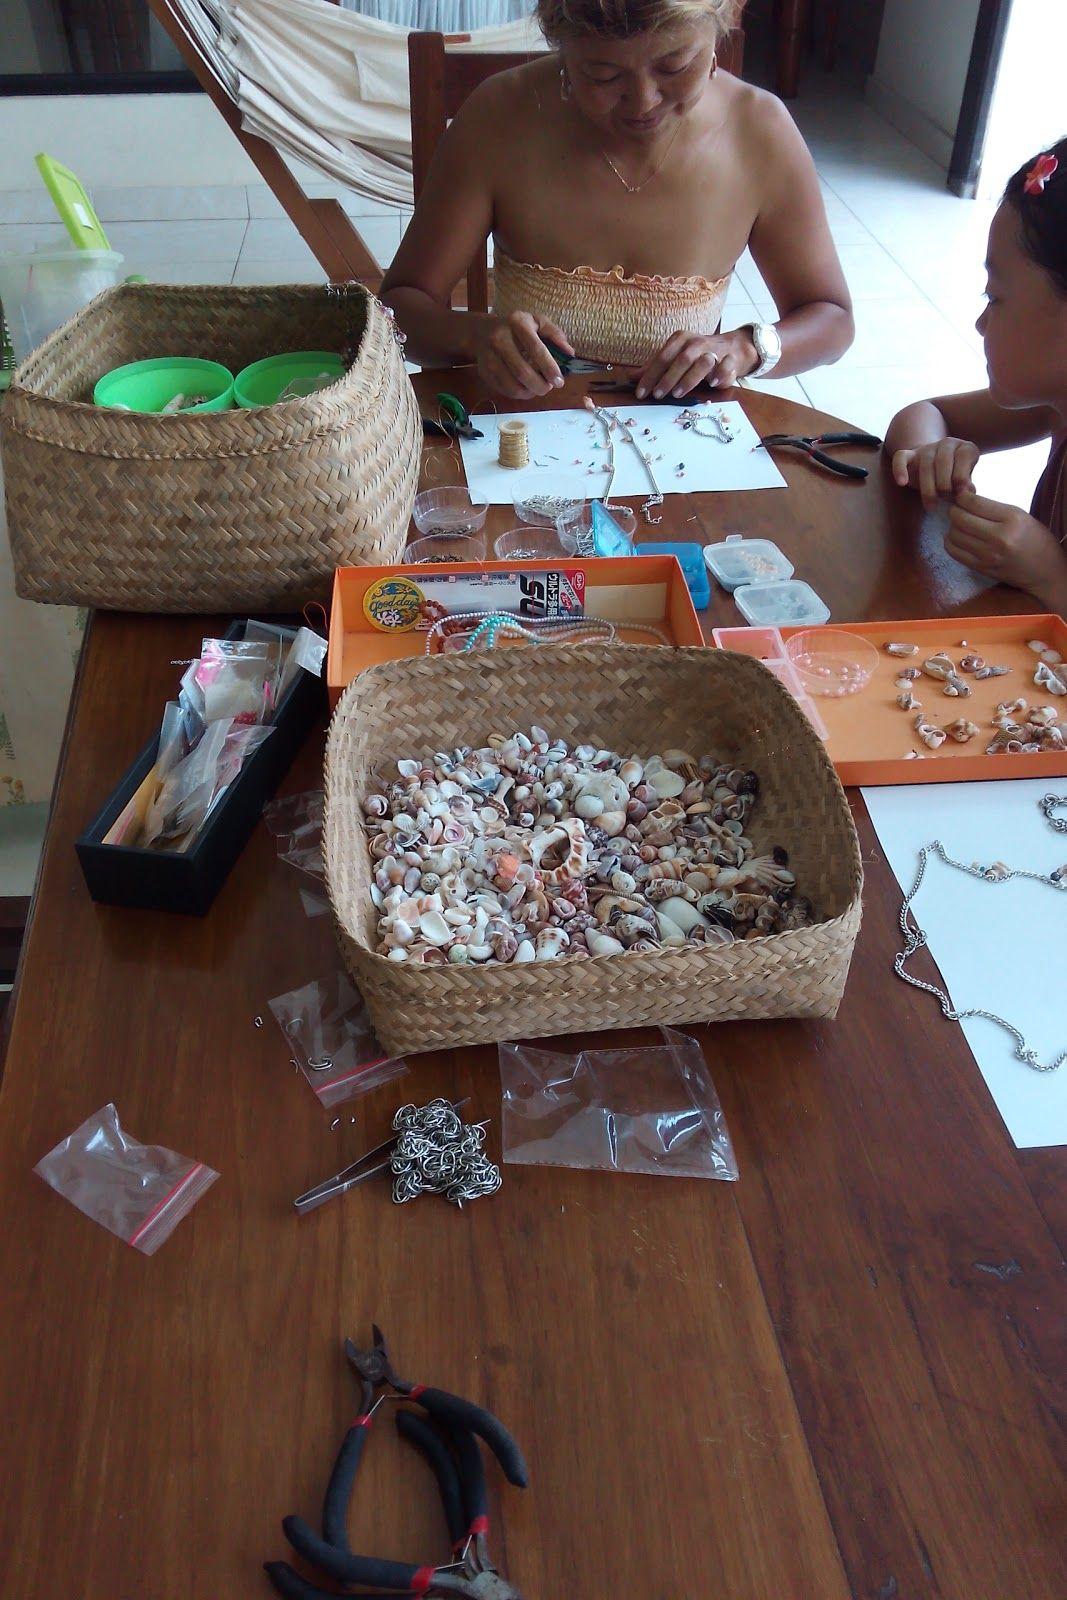 Made In Bali 作ってみよう 貝殻アクセサリー作り 体験教室 アクセサリー 作り アクセサリー 貝殻